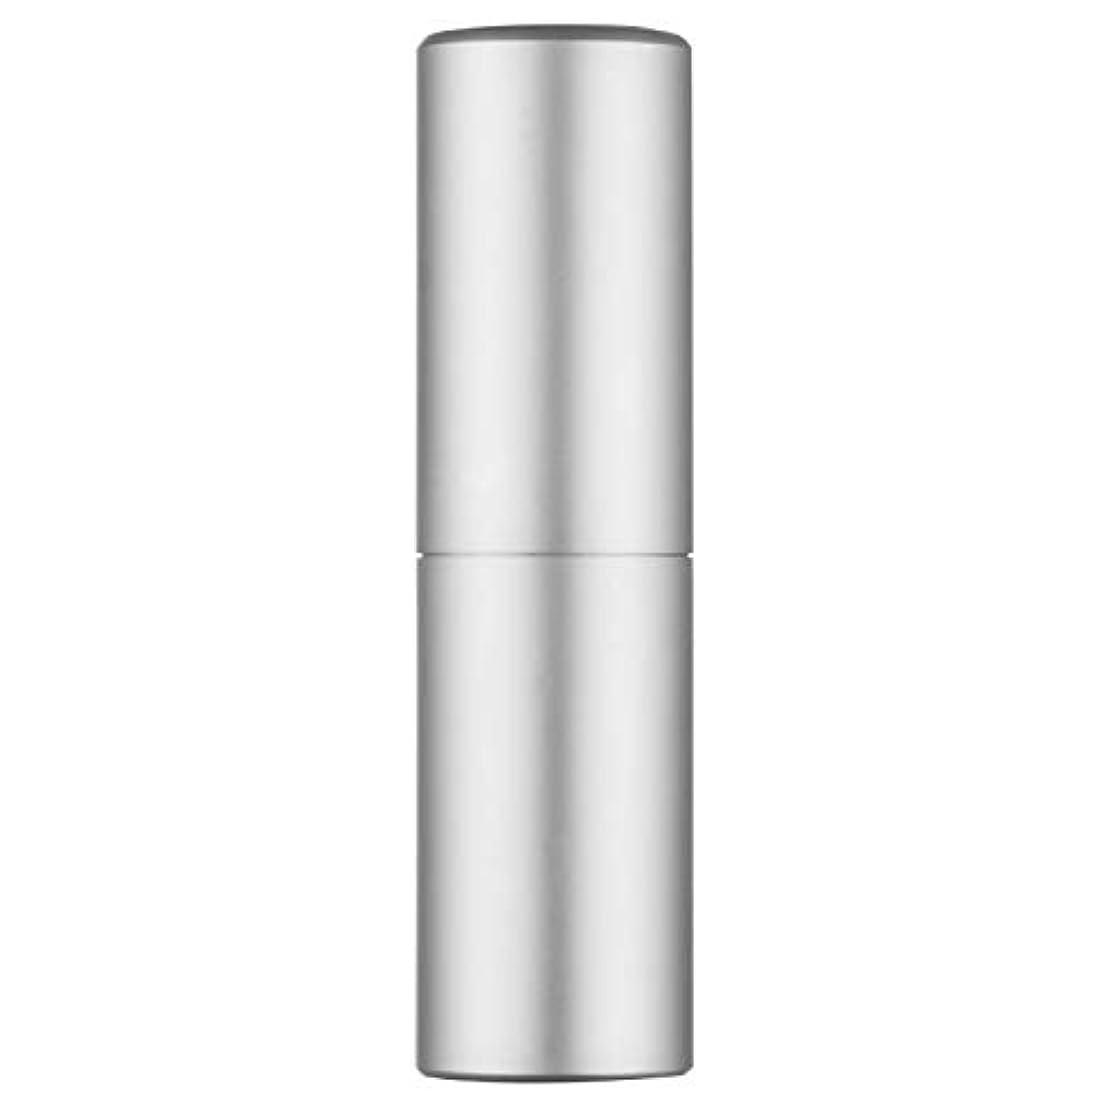 グッゲンハイム美術館予定ヒューマニスティック香水アトマイザー レディース スプレーボトル 香水噴霧器 20ml